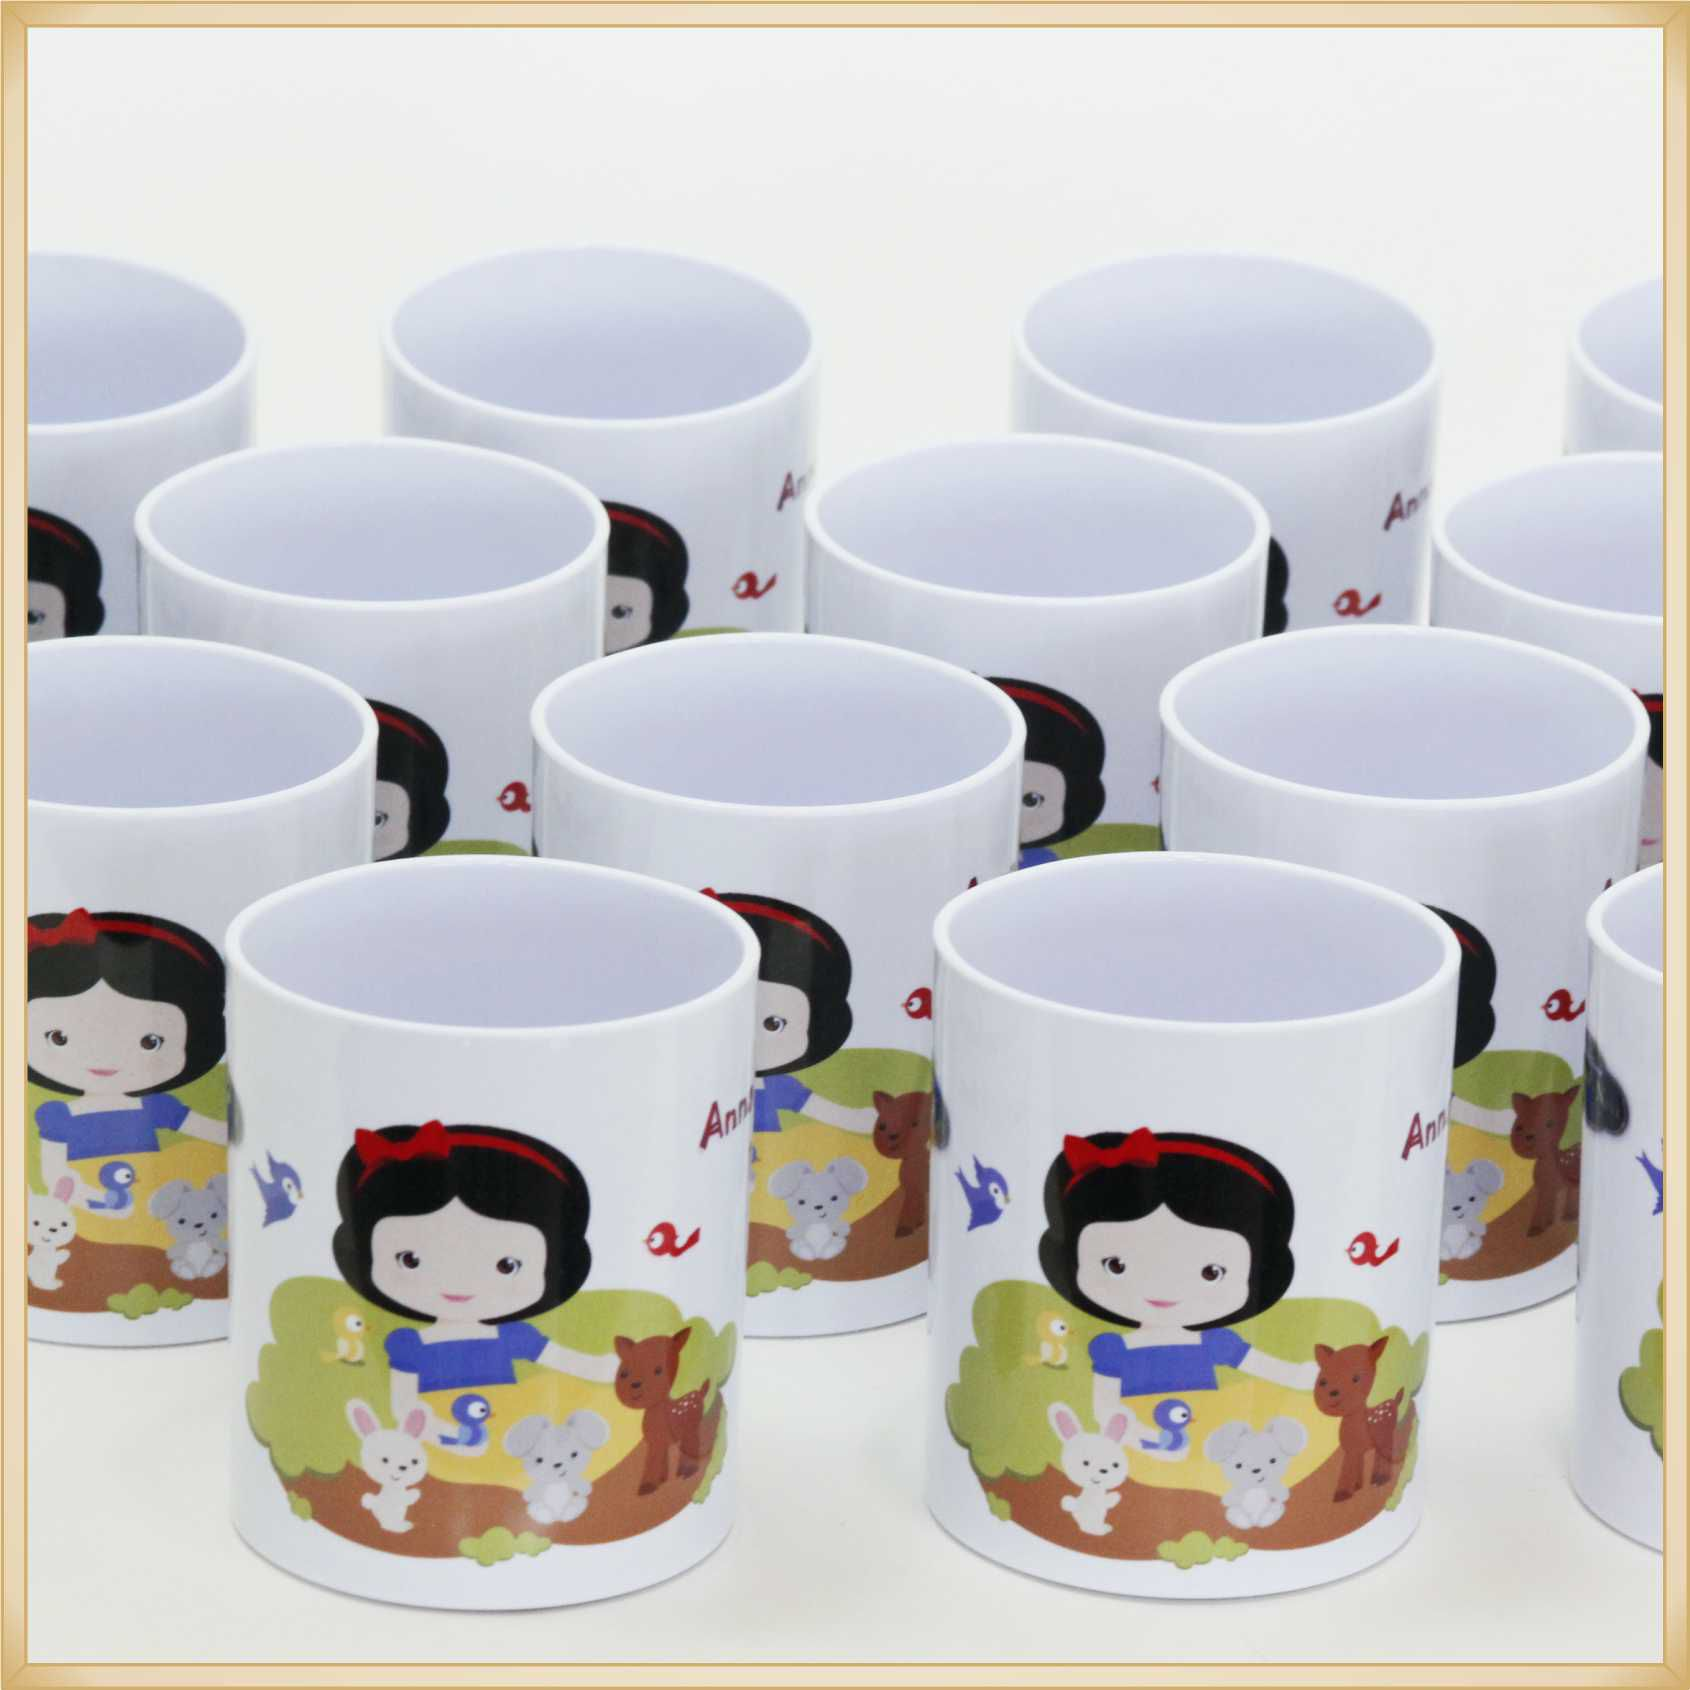 Canecas de Plástico para Lembrancinhas de Aniversário Infantil Brindes Personalizados para Crianças - Kit com 10 unidades